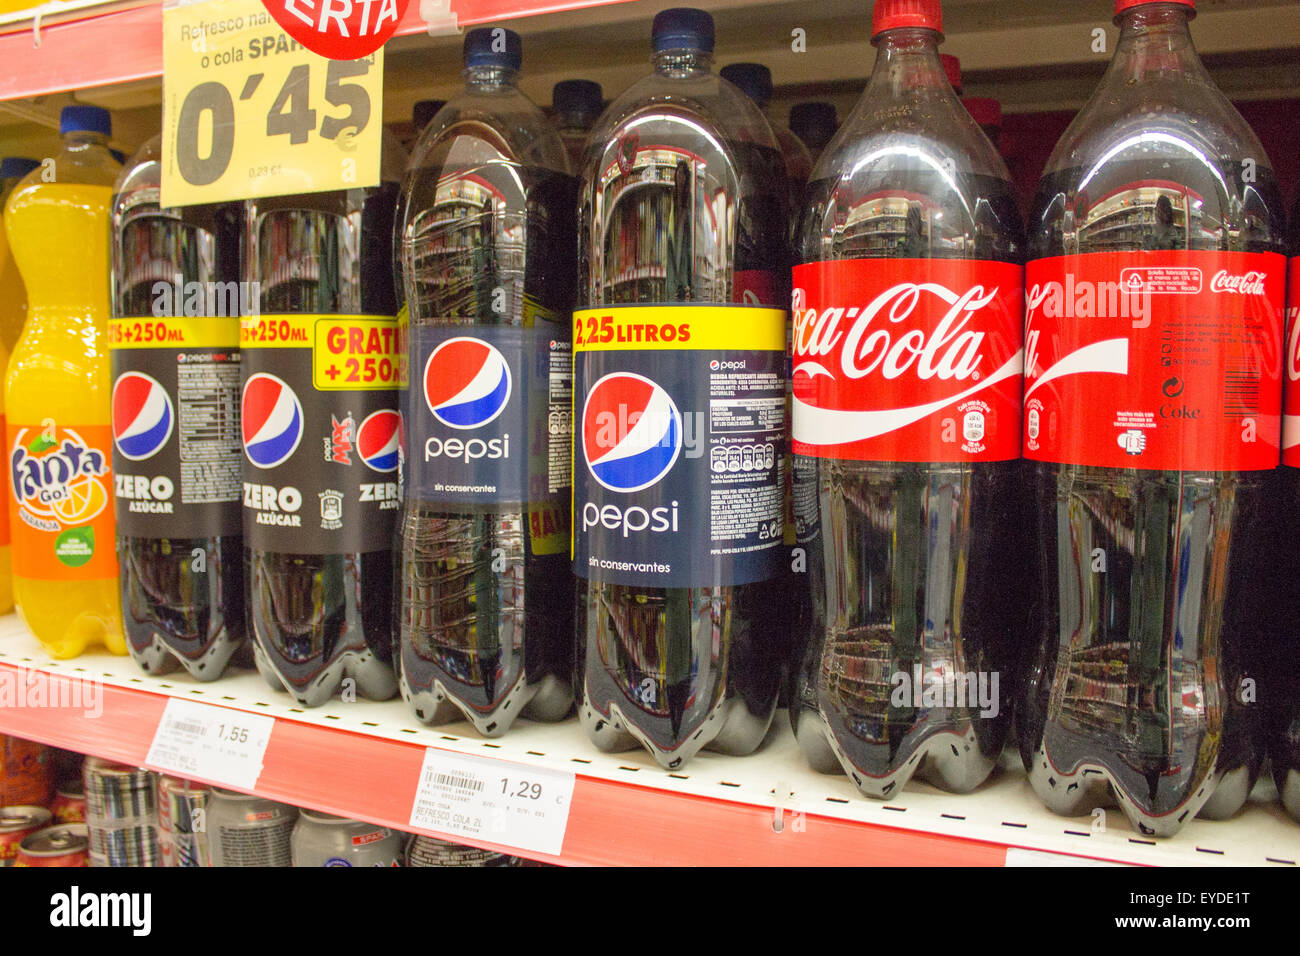 Amerikanischer Kühlschrank Coca Cola : Coca cola retro kühlschrank liebherr thomas s chichester